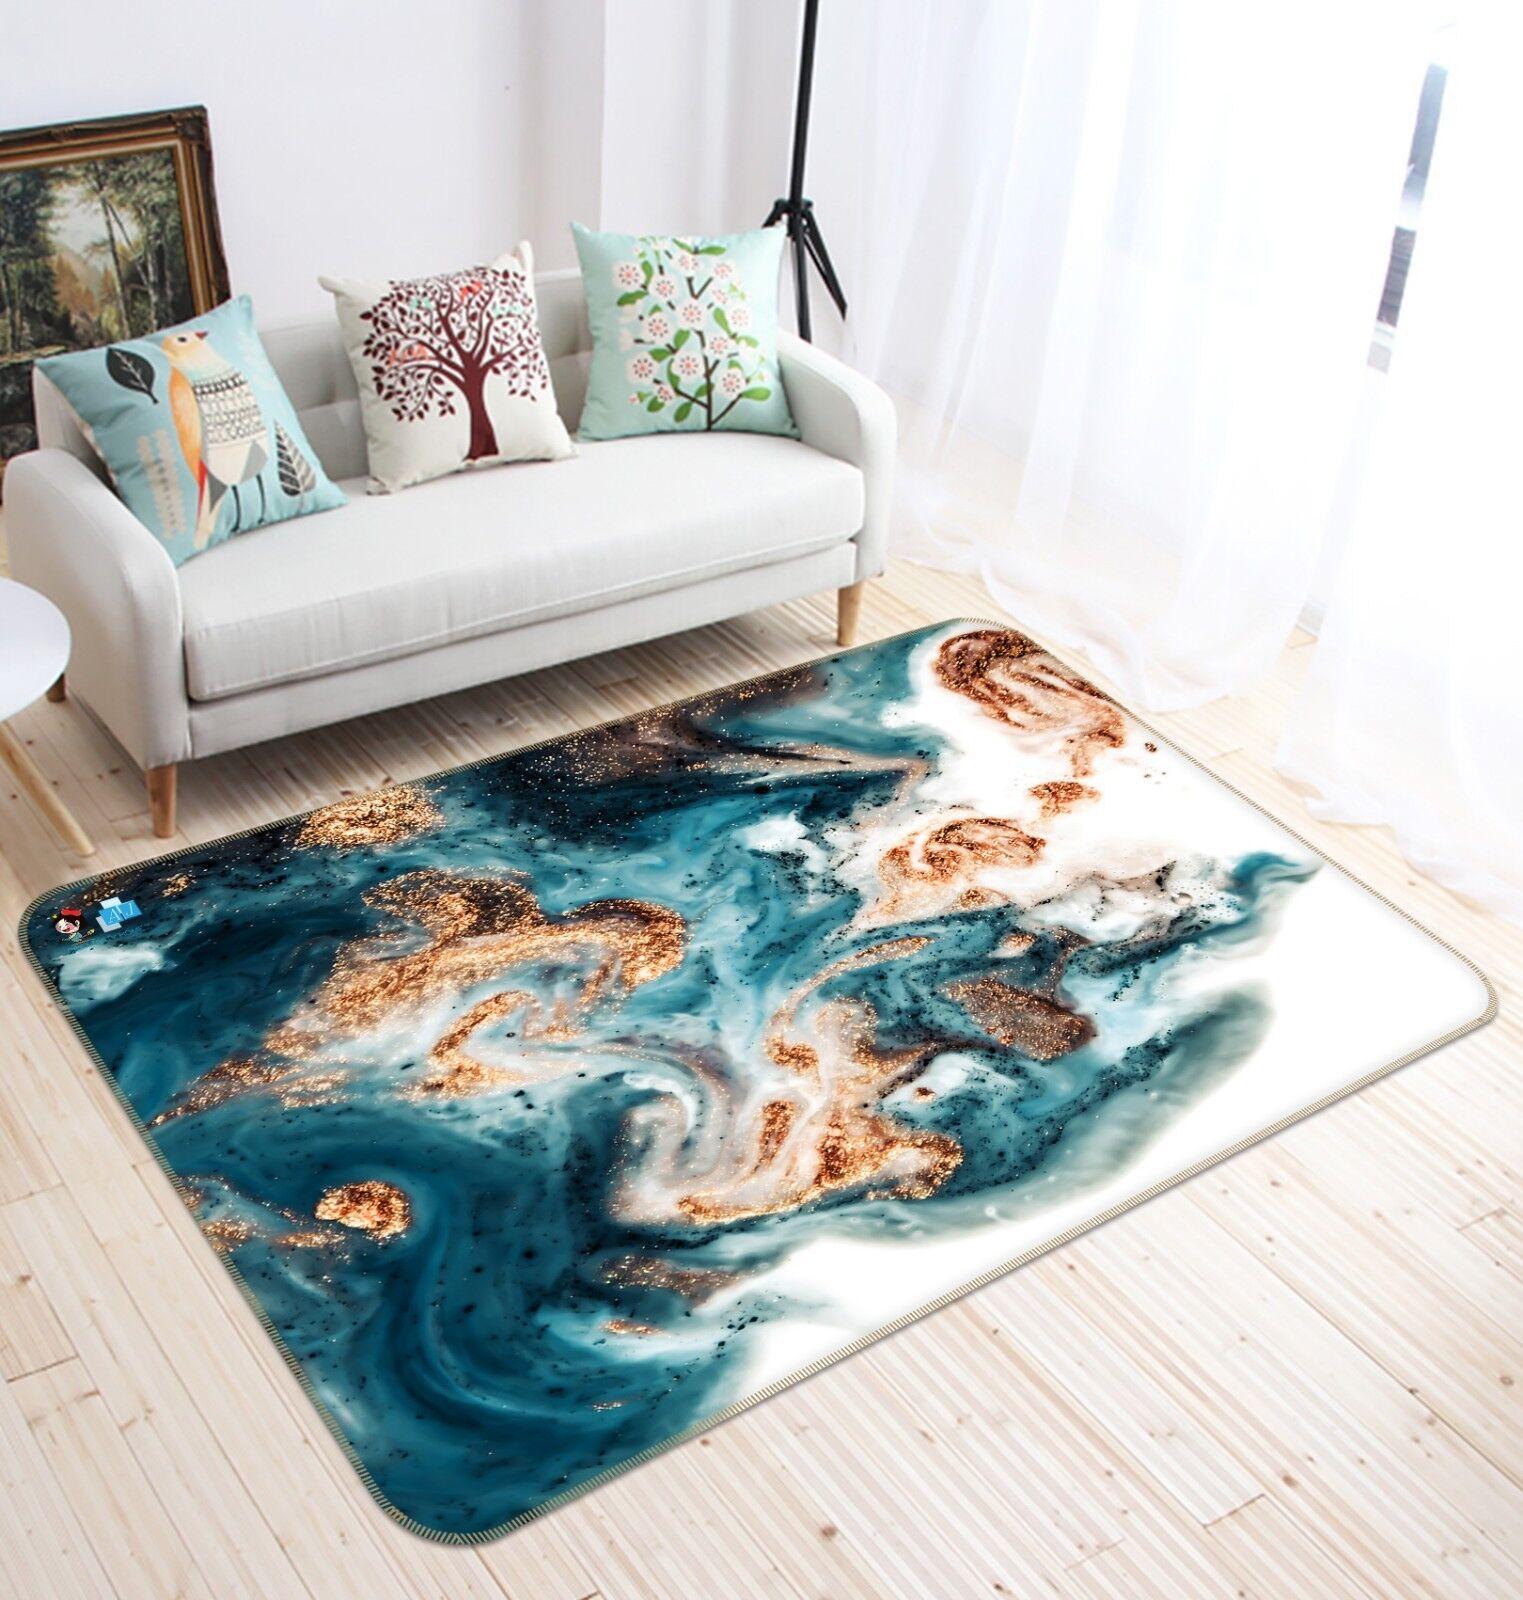 3D Abstract Painting 8 Non Slip Slip Slip Rug Mat Room Mat Quality Elegant Photo Carpet UK a3e94c